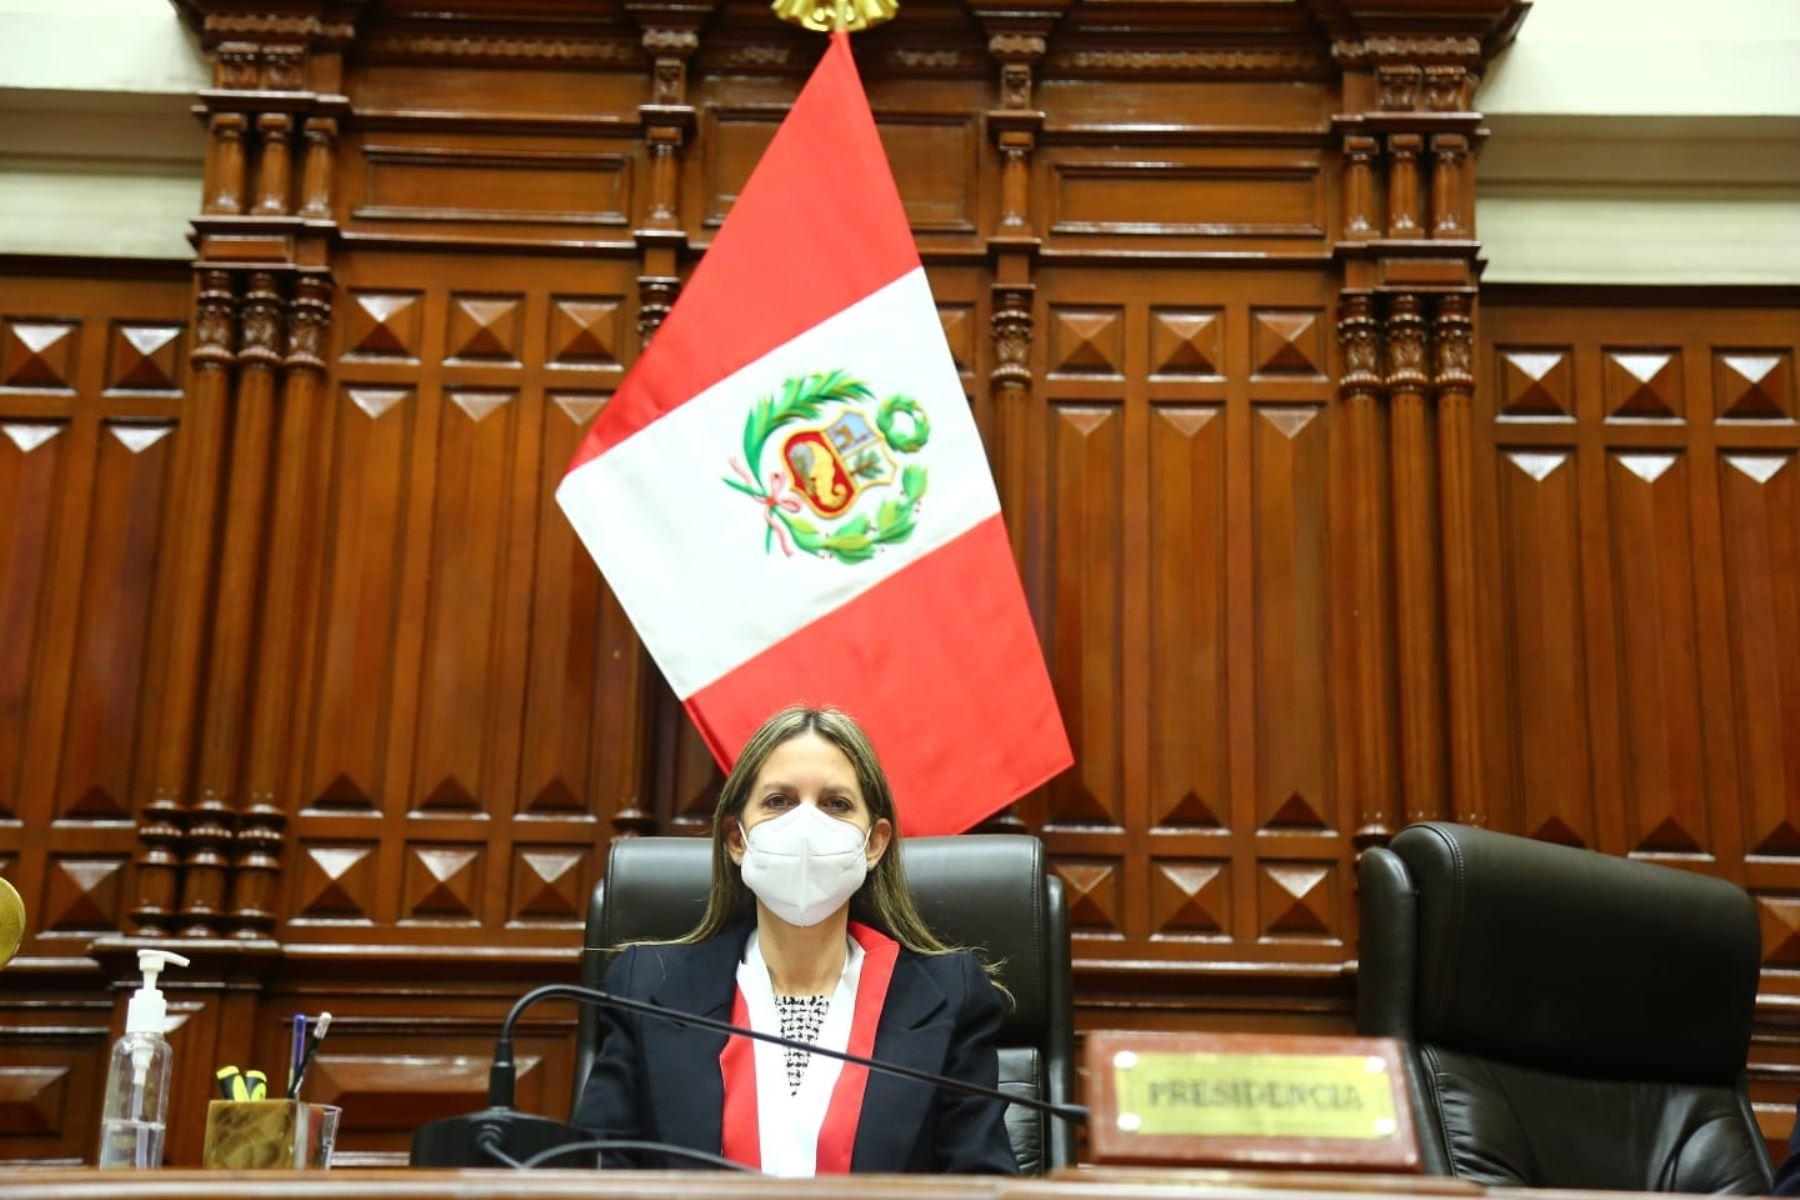 La presidenta del Congreso anunció sanciones por publicaciones sesgadas. ANDINA/Difusión